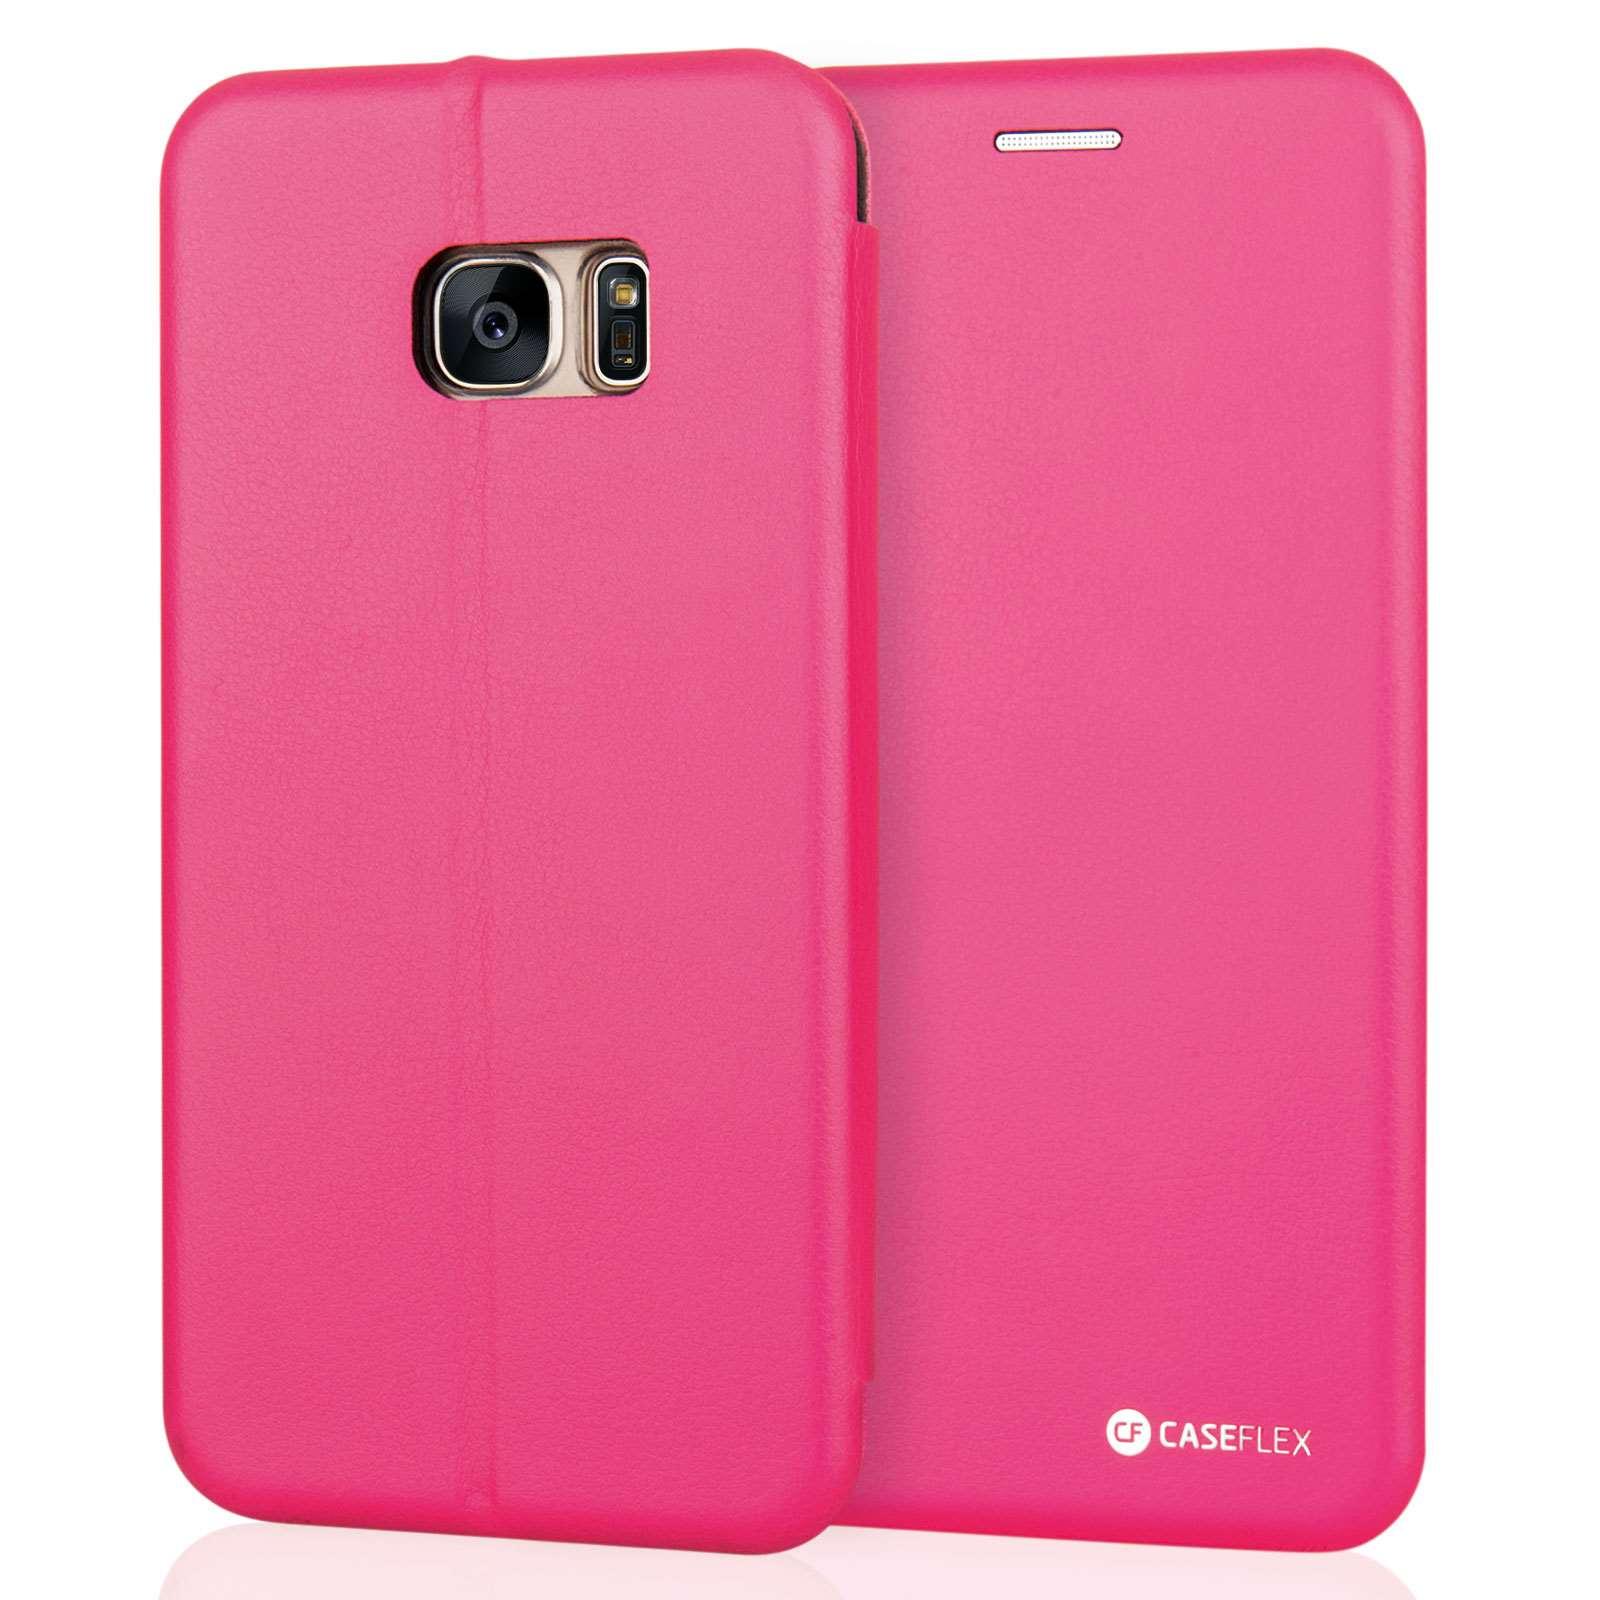 Caseflex Θήκη - Πορτοφόλι Samsung Galaxy S7 Edge - Pink (SA-EA06-Z567)